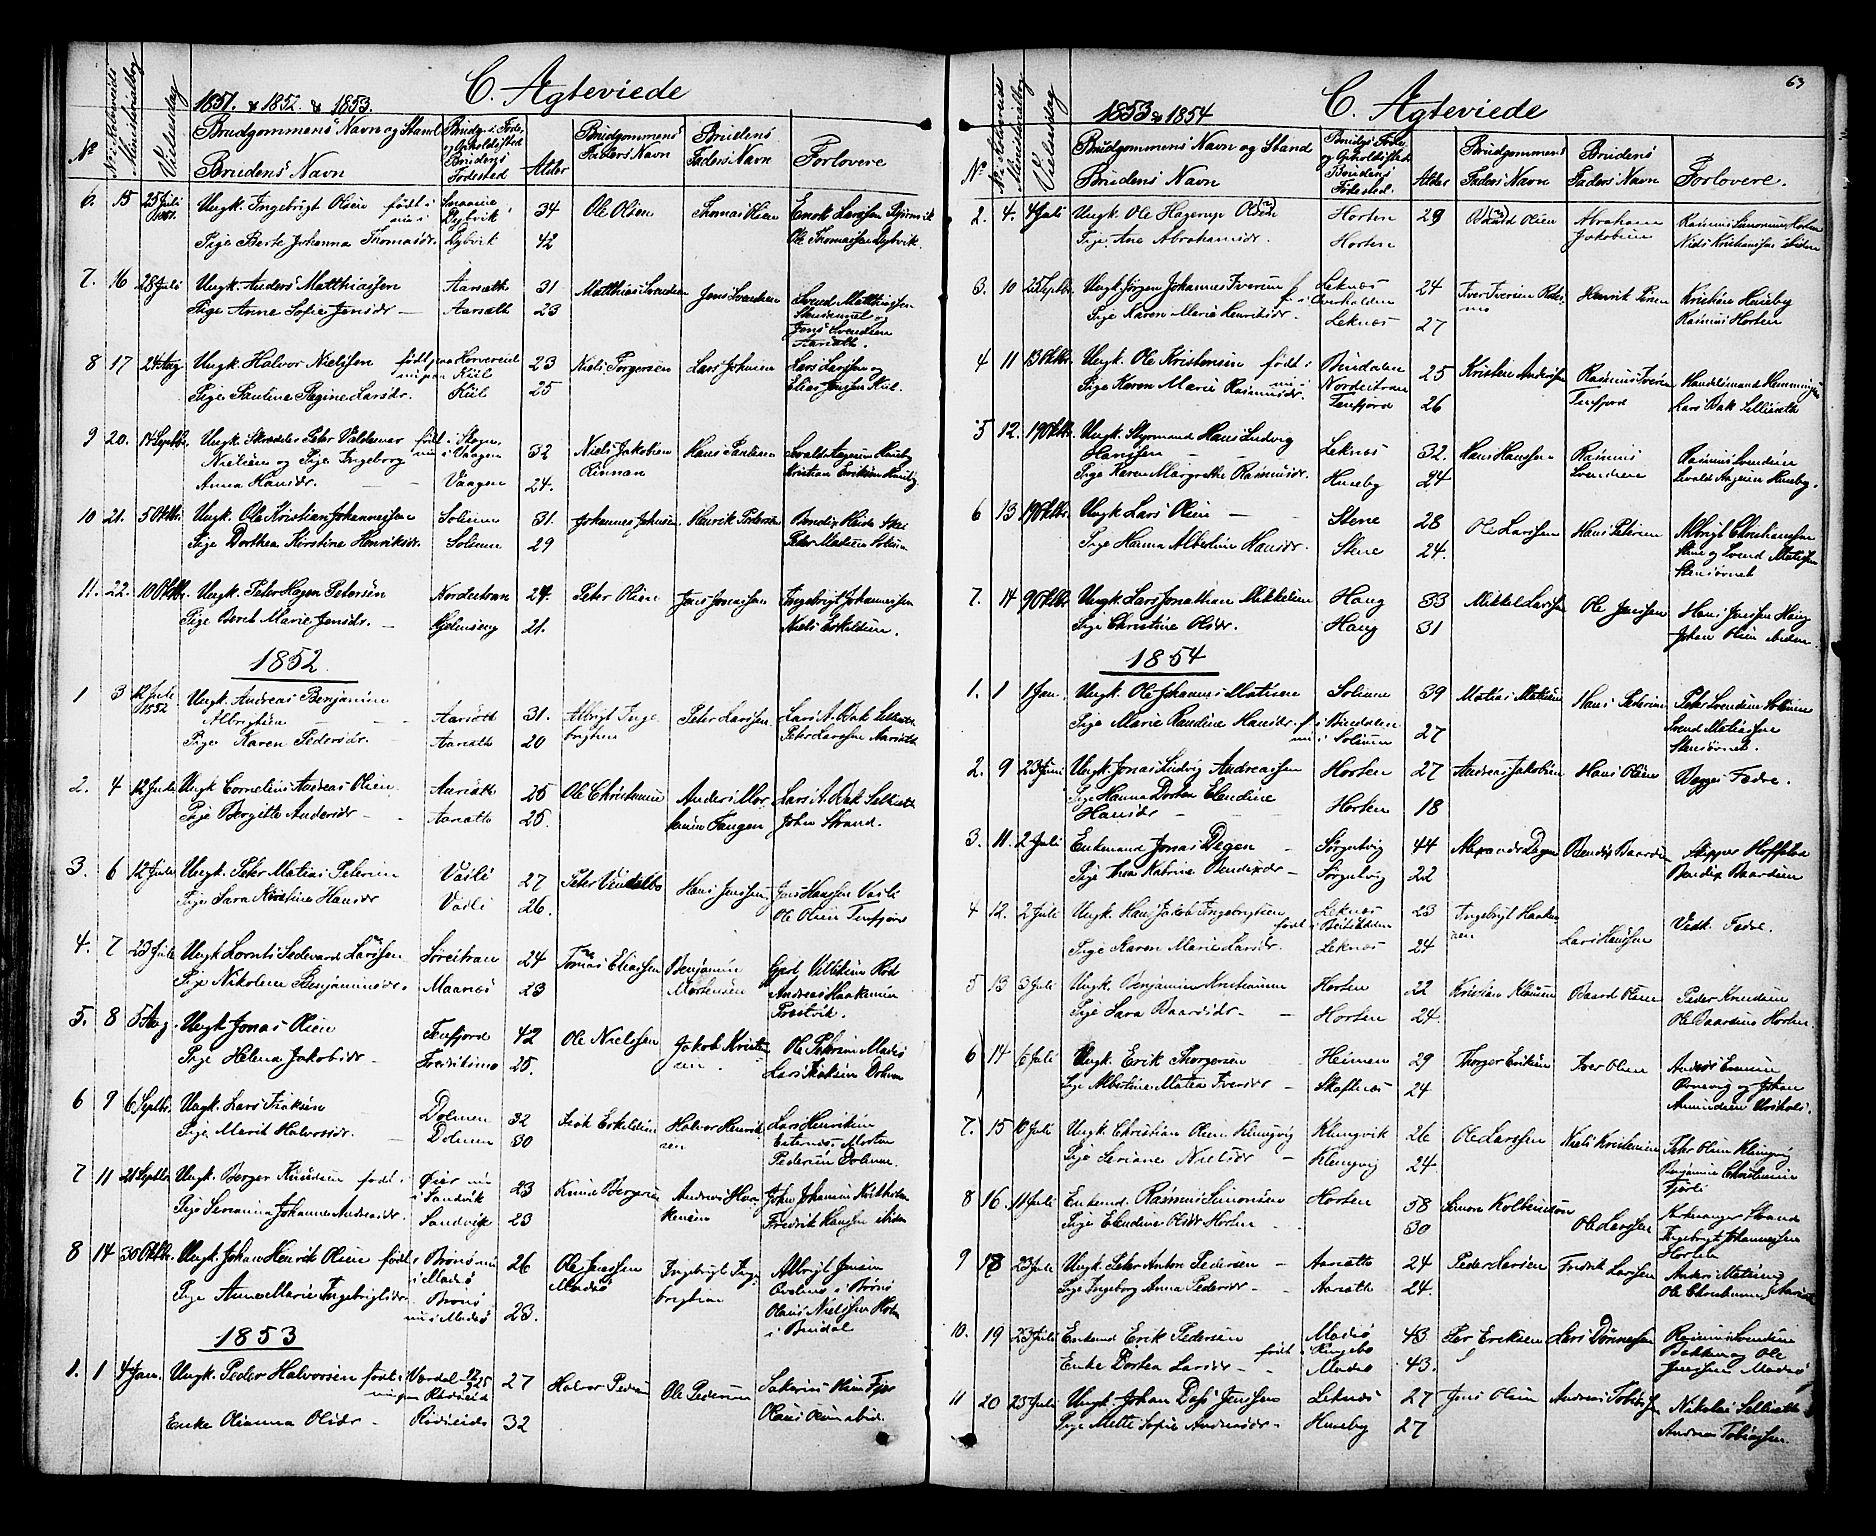 SAT, Ministerialprotokoller, klokkerbøker og fødselsregistre - Nord-Trøndelag, 788/L0695: Ministerialbok nr. 788A02, 1843-1862, s. 63